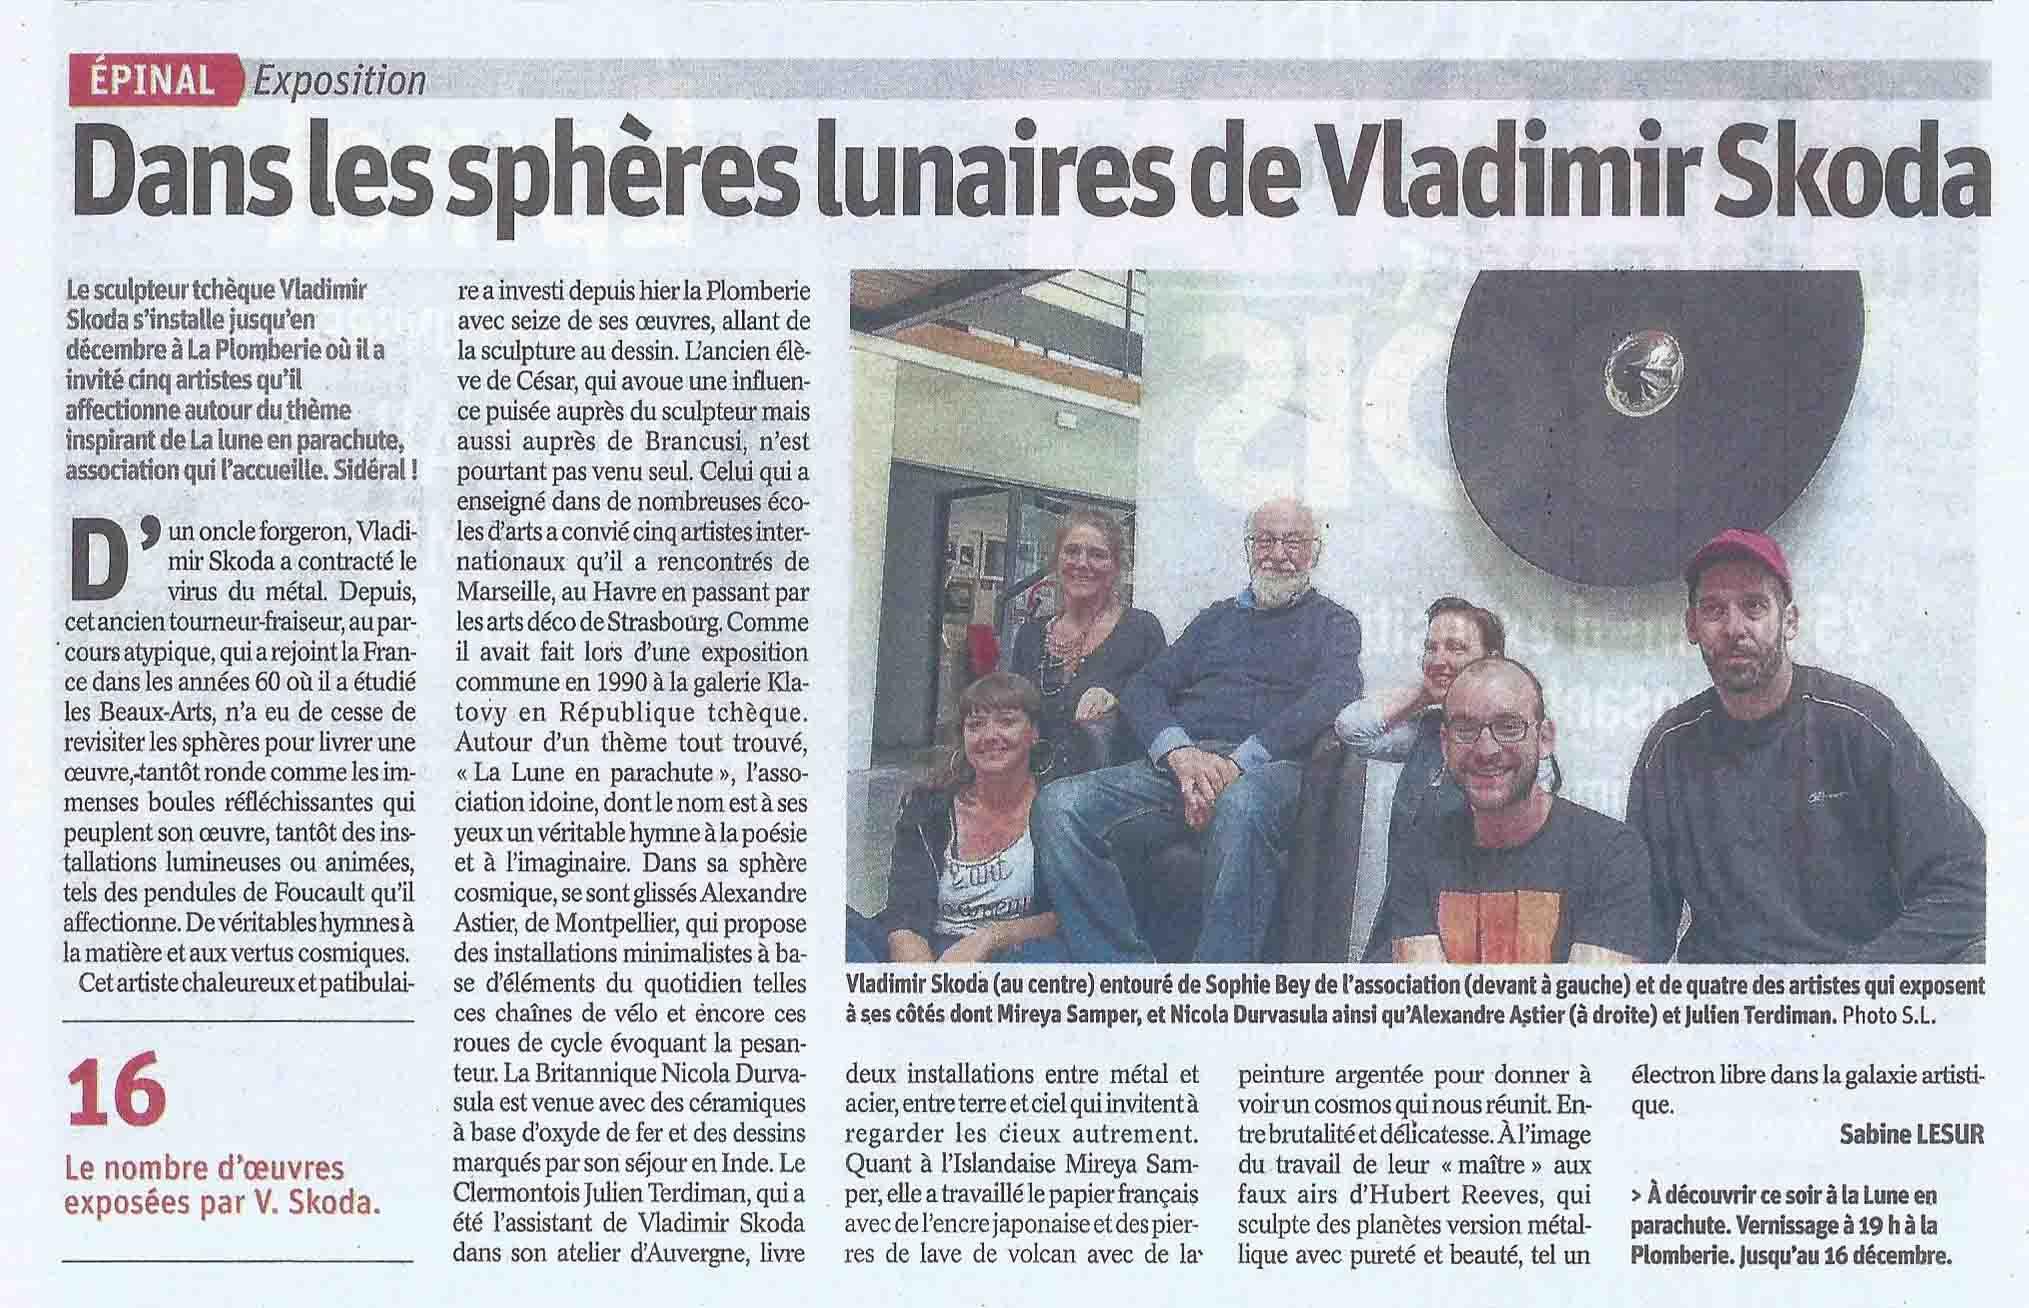 la-lune-en-parachute-galerie-art-contemporain-vosges-matin-vladimir-skoda-22-septembre-2017